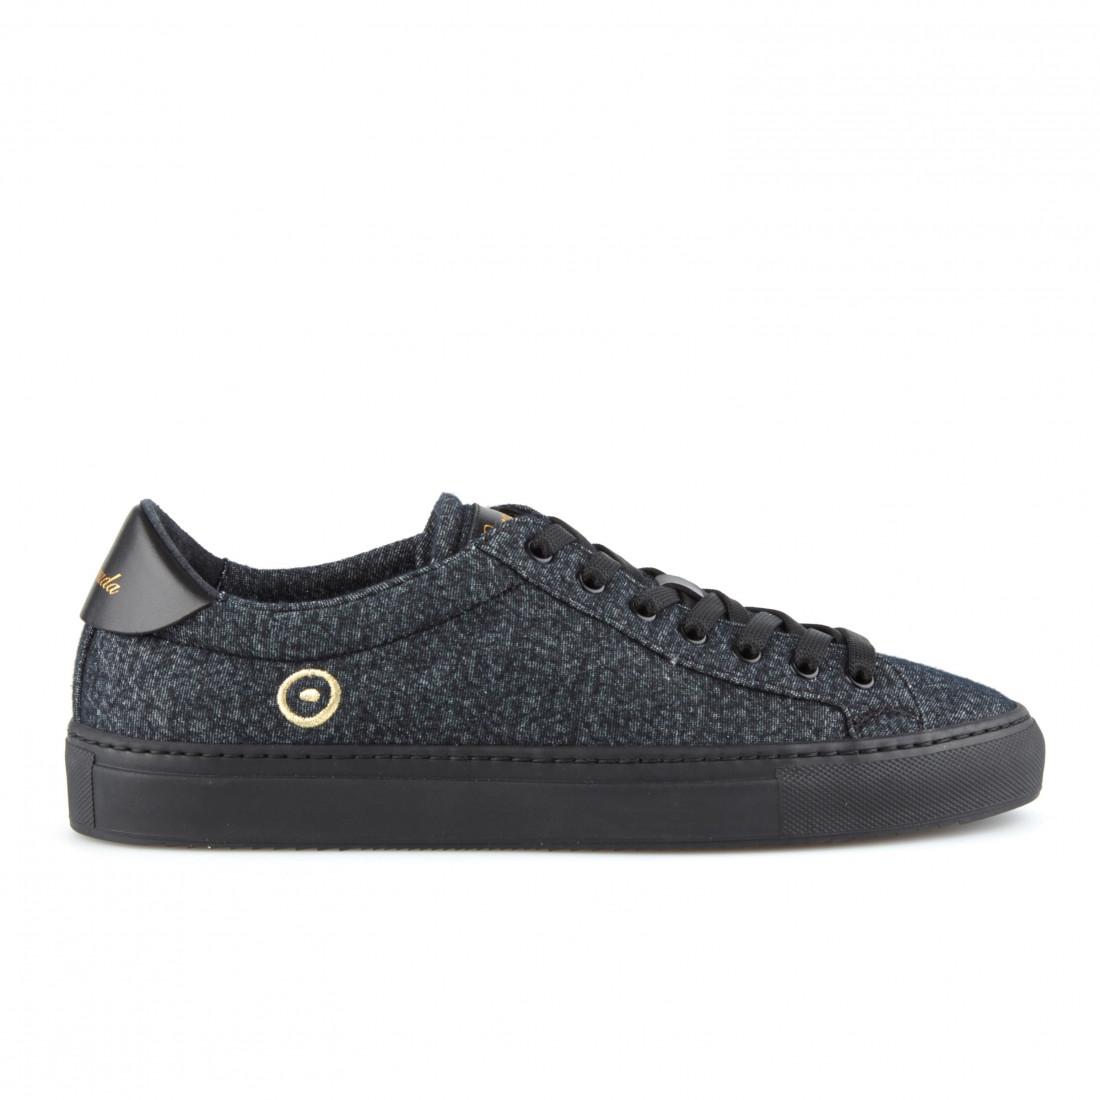 sneakers herren barracuda bu2997a00osate6900 3448